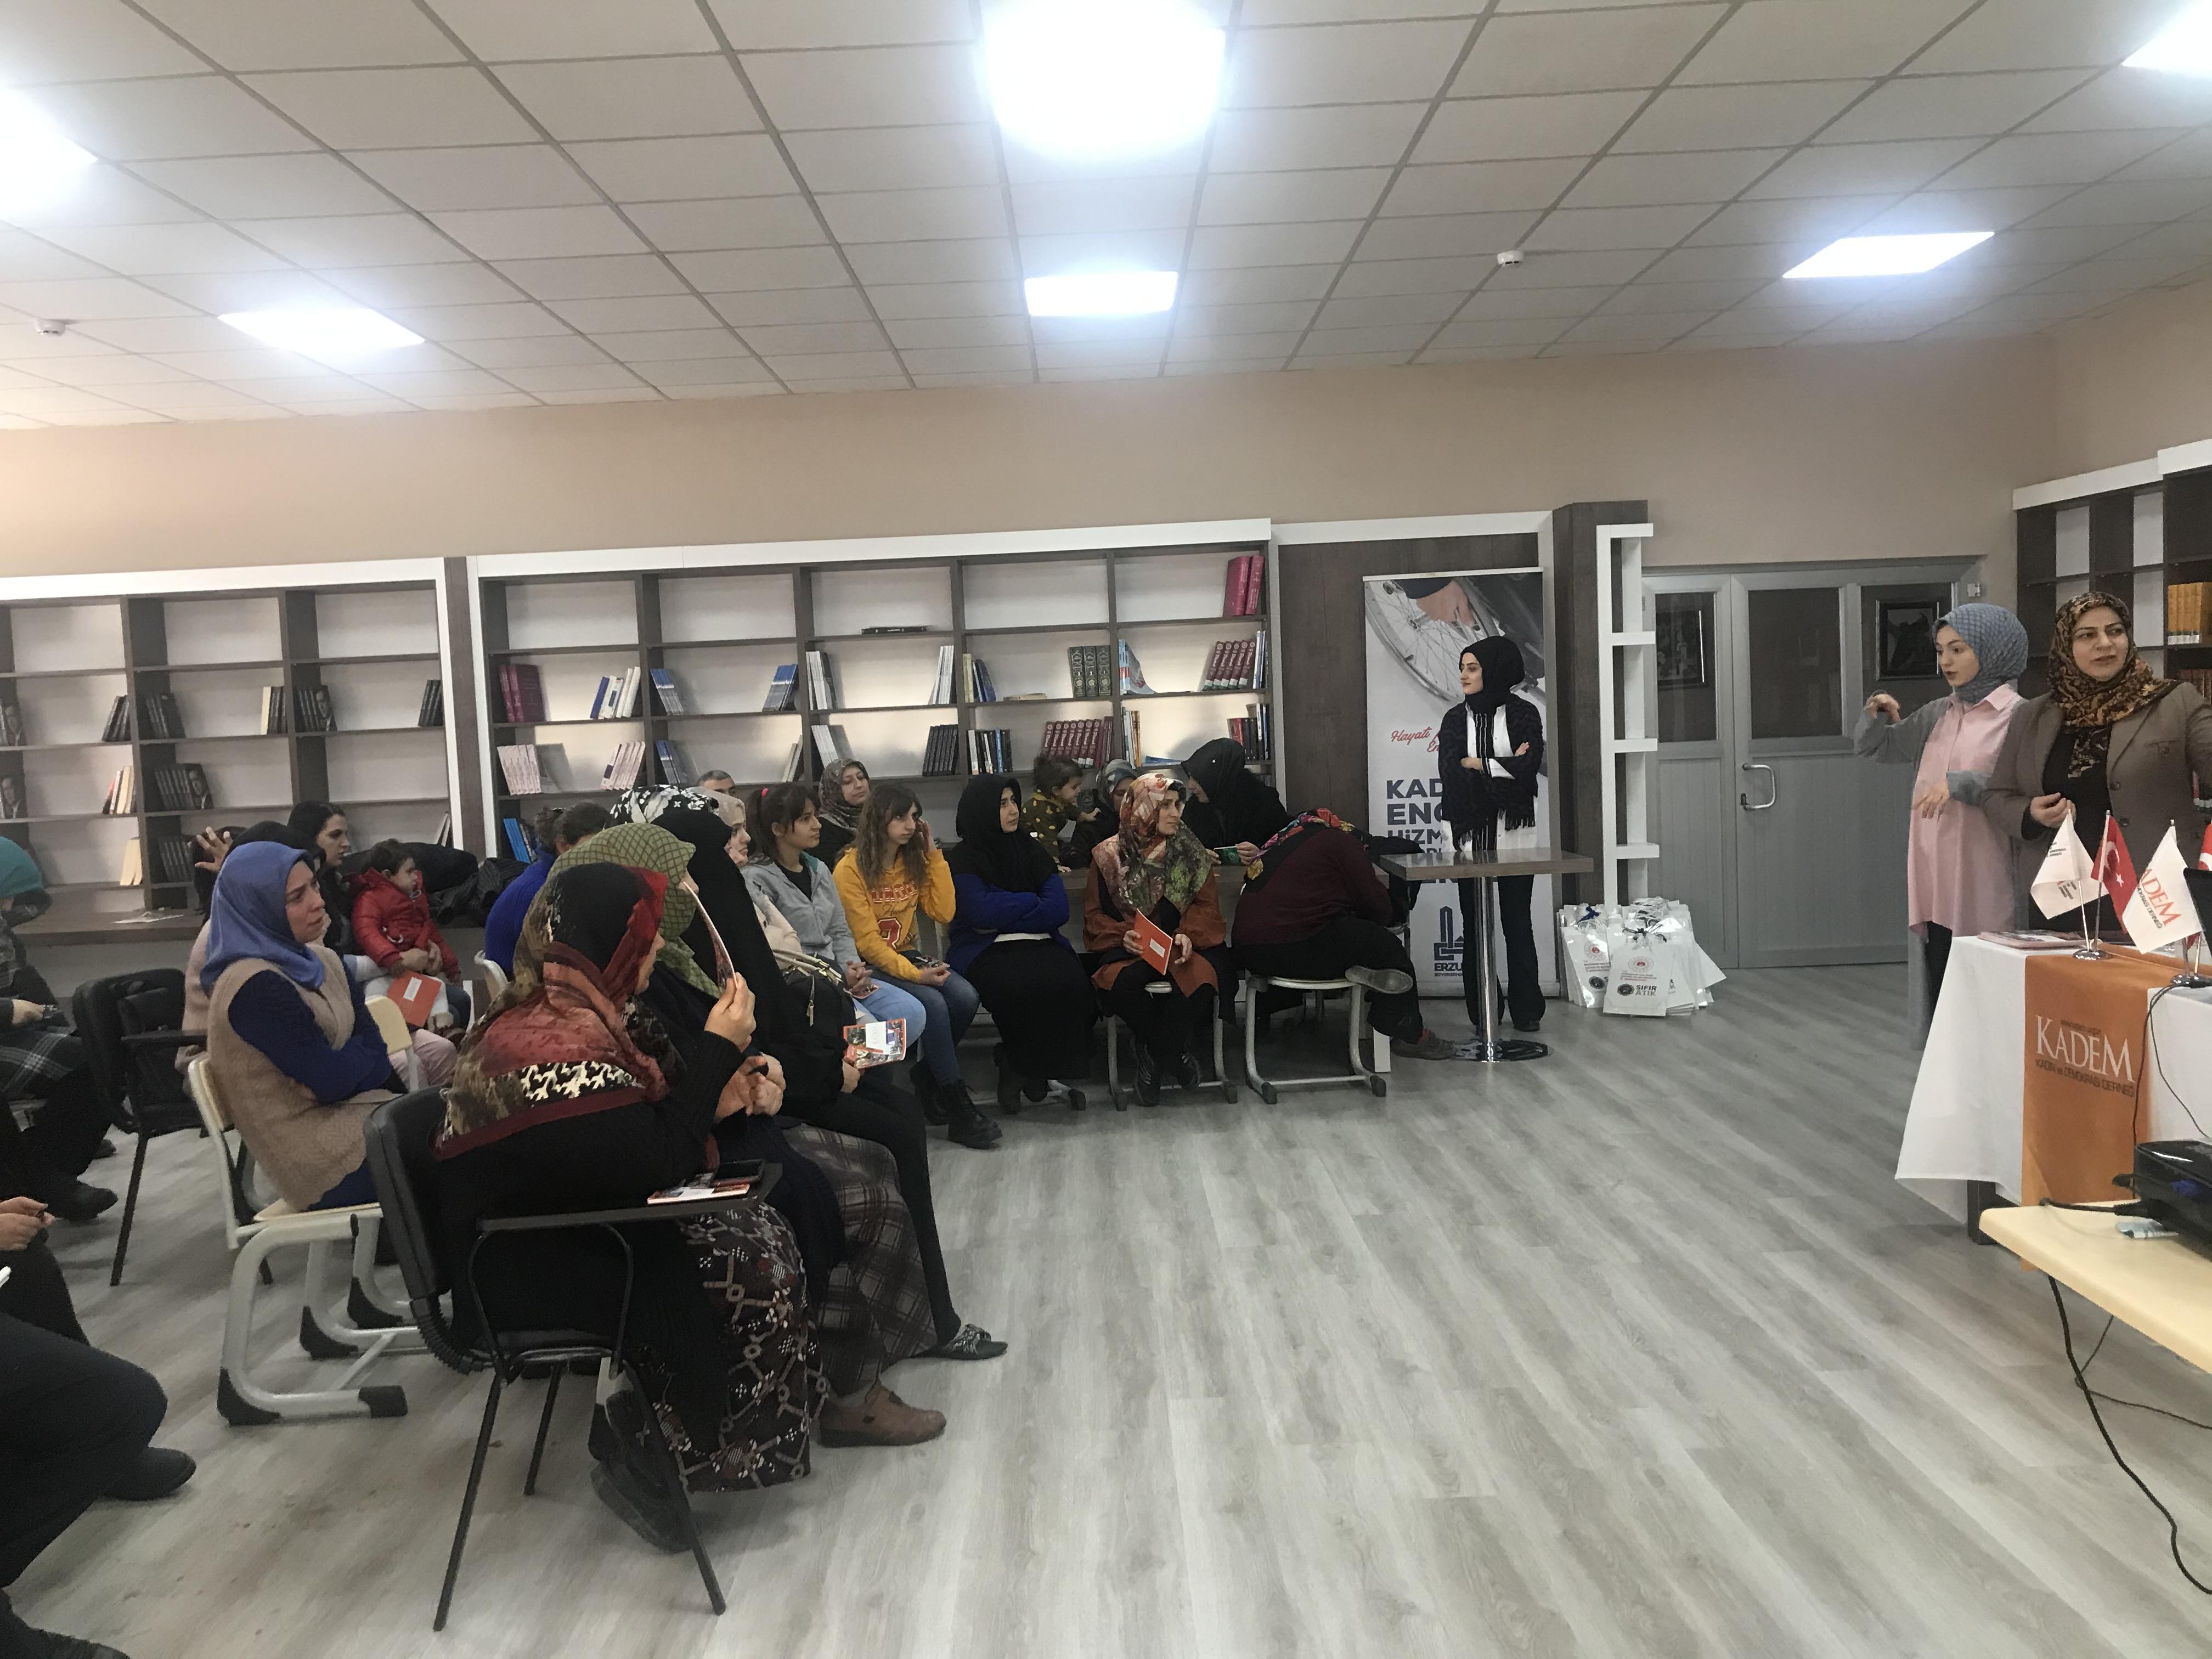 Kadın ve Engelli Koordinasyon Merkezinde Sıfır Atık Eğitimi Yapıldı